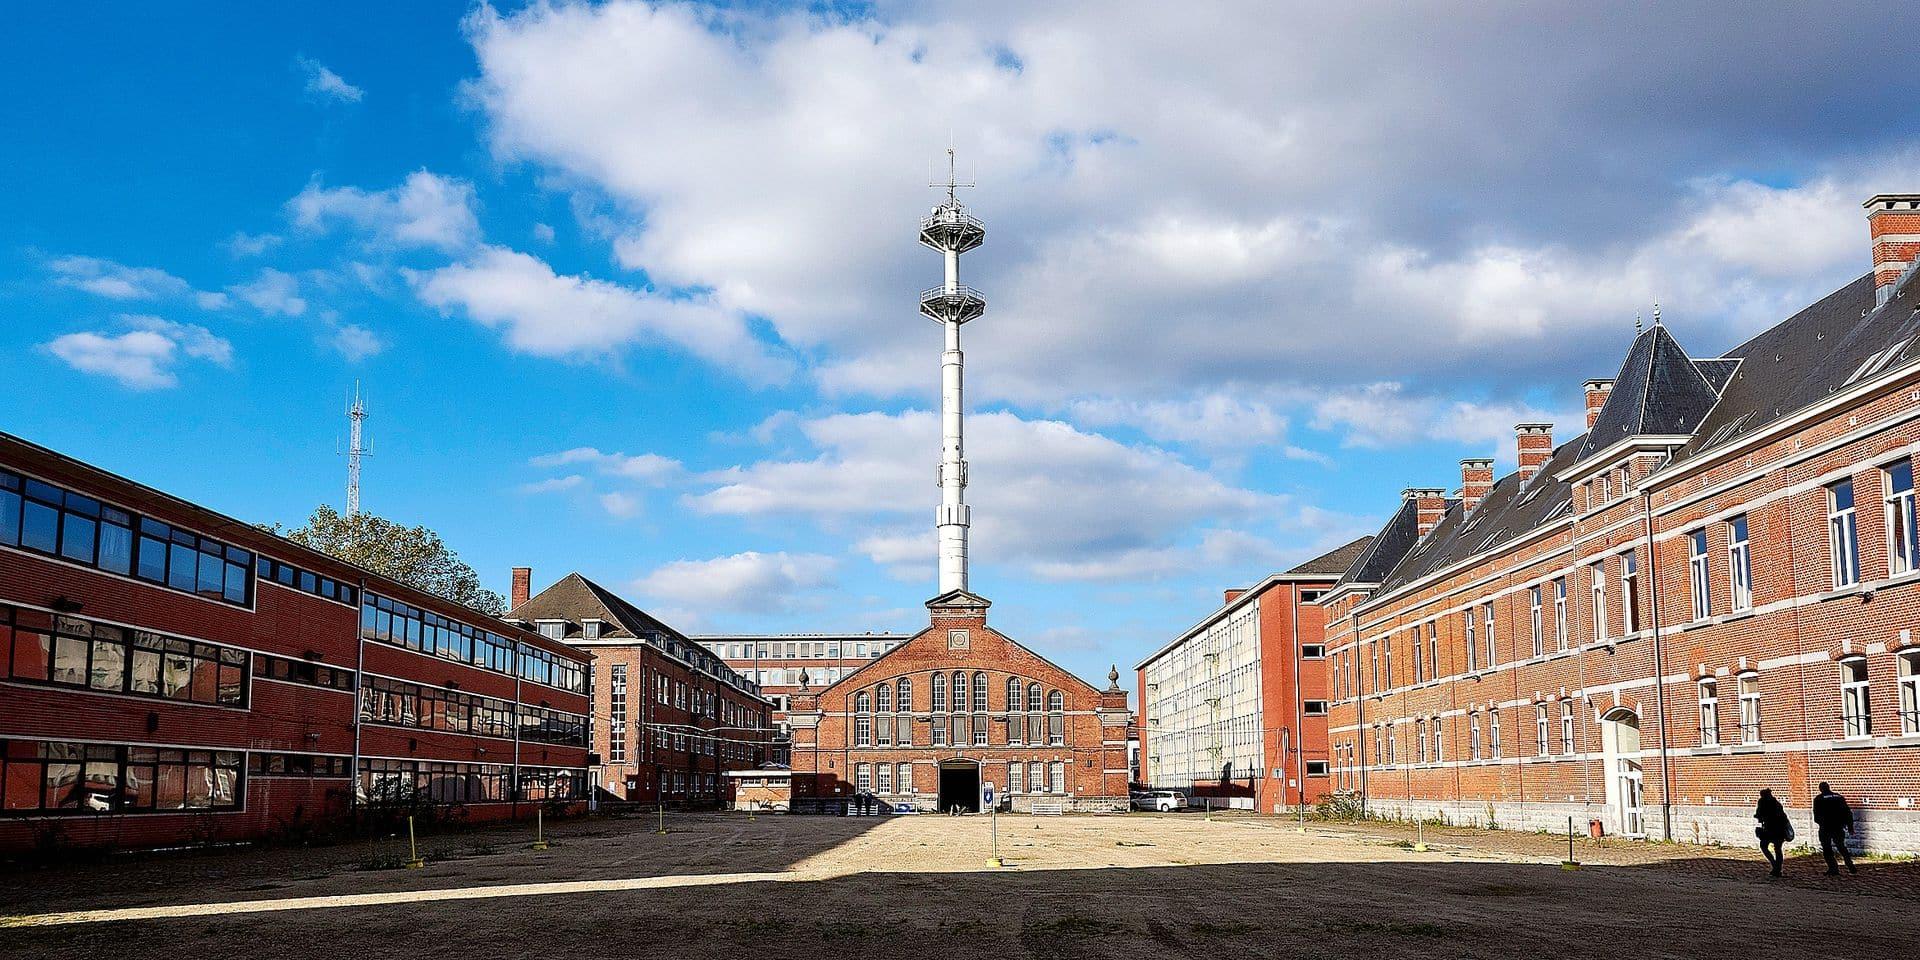 A Bruxelles, 6,8 millions de mètres carrés sont vides... et si on les occupait?